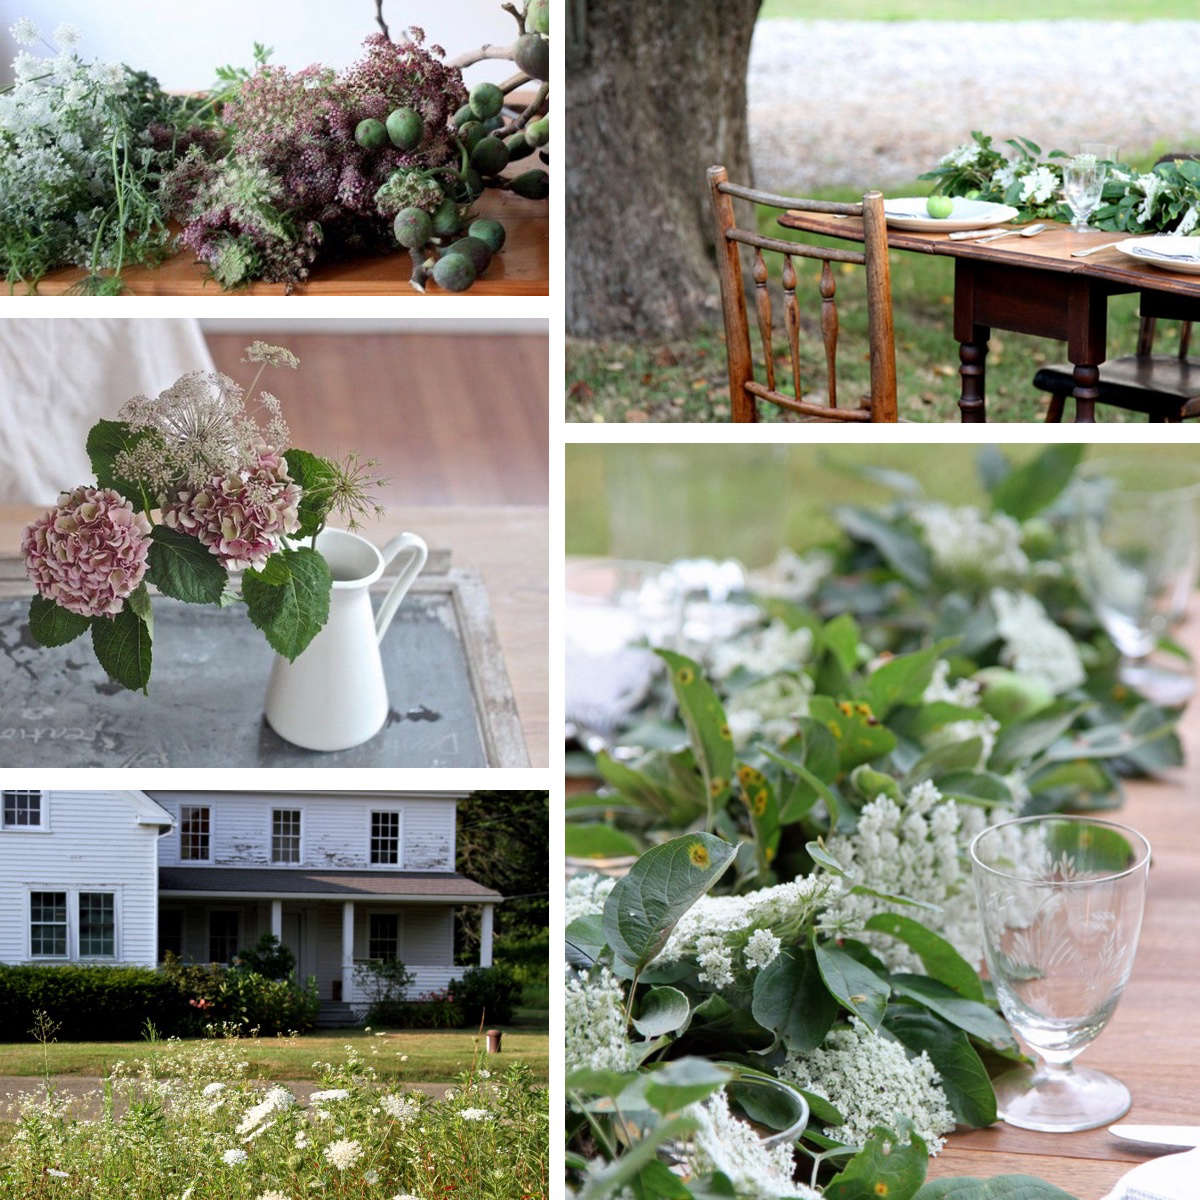 collage-queen-annes-lace-gardenista